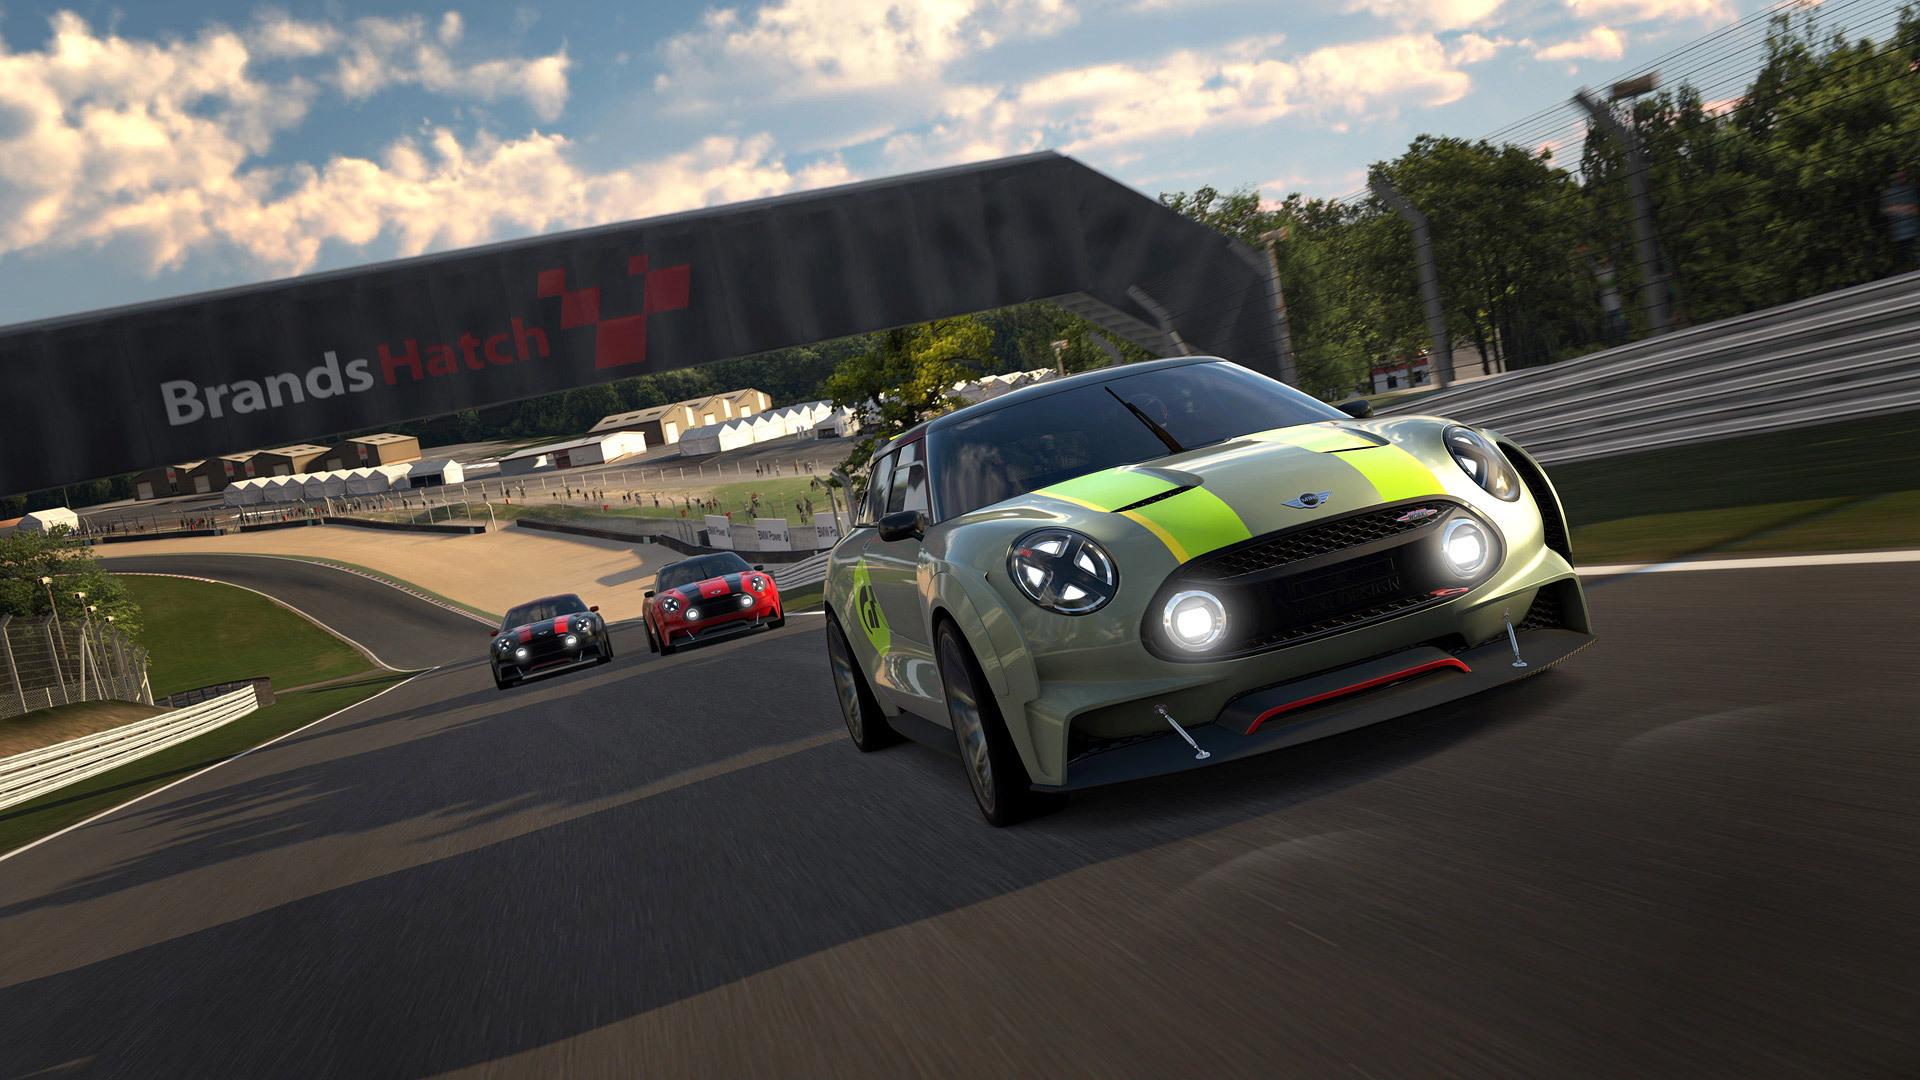 MINI Clubman Vision Gran Turismo concept